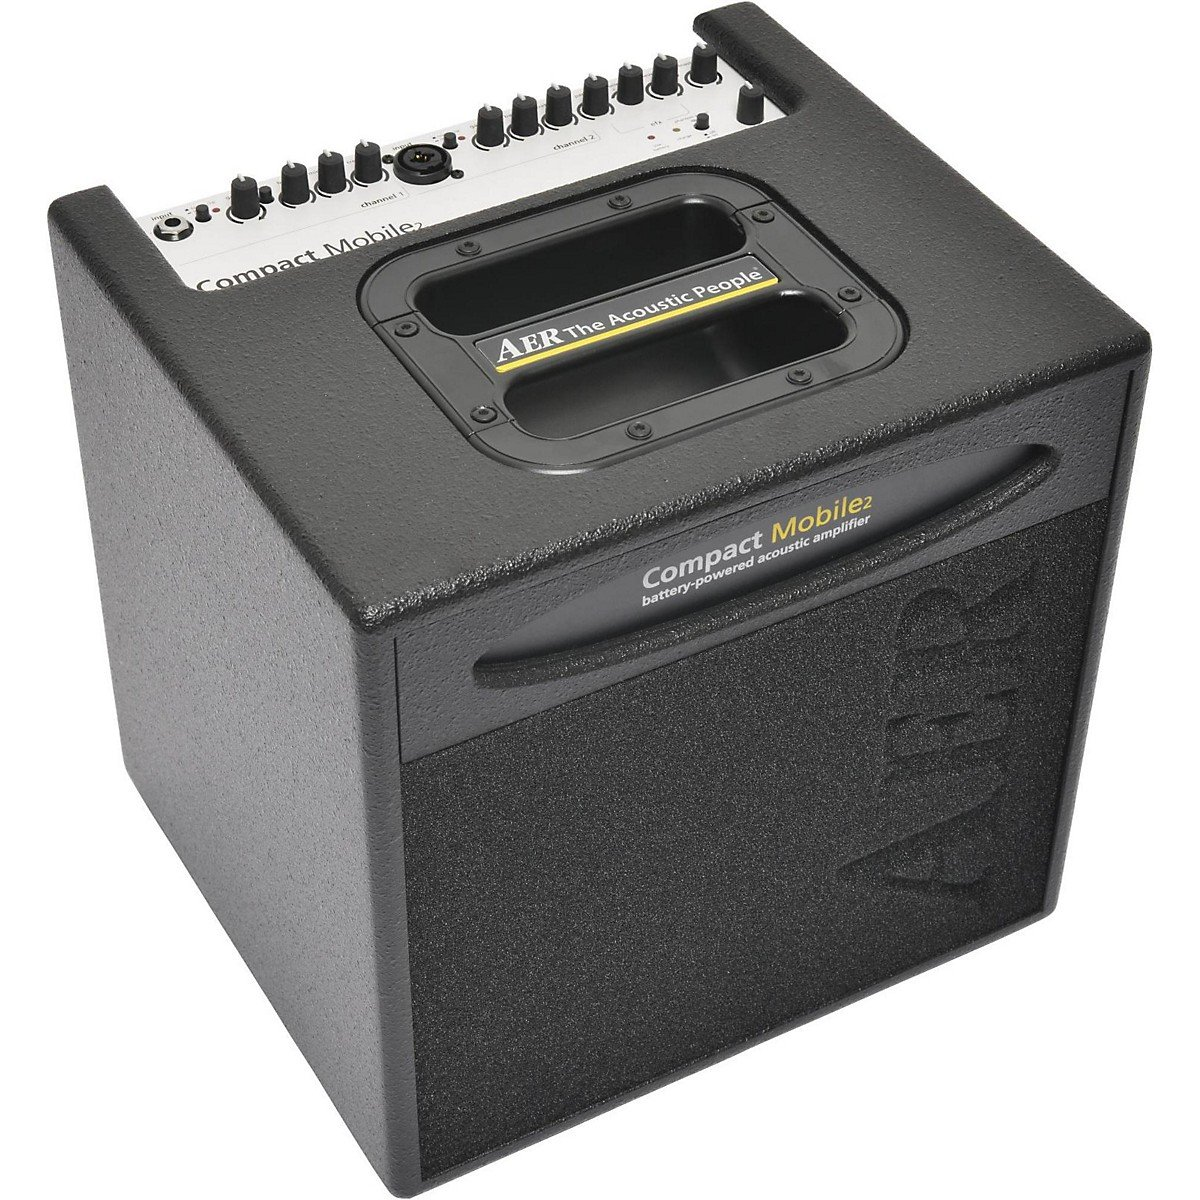 Air compacto funda para cpm-akku acústica guitarra Combo Amplificador Negro: Amazon.es: Instrumentos musicales